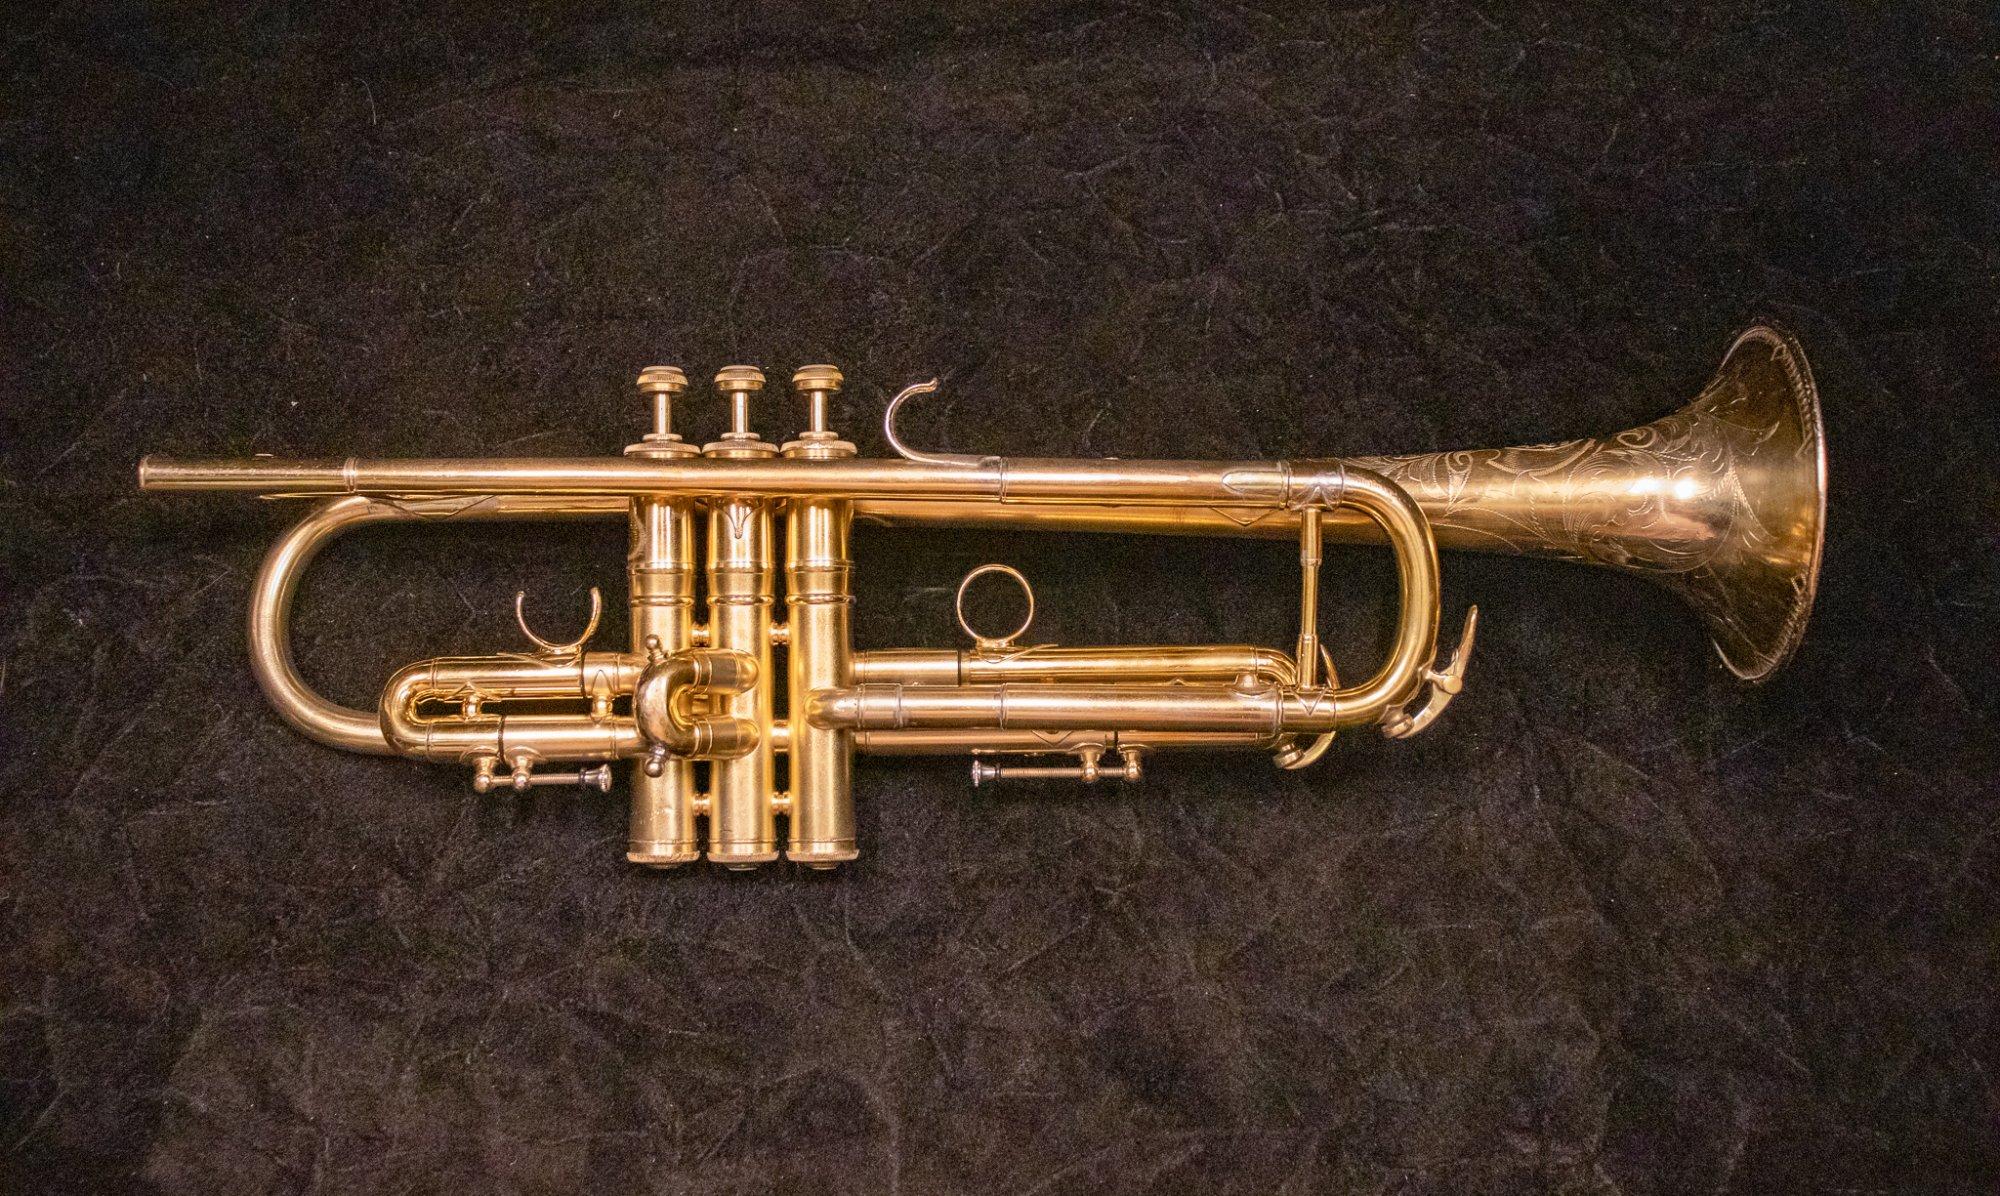 1928 Conn 2B - Gold Plate